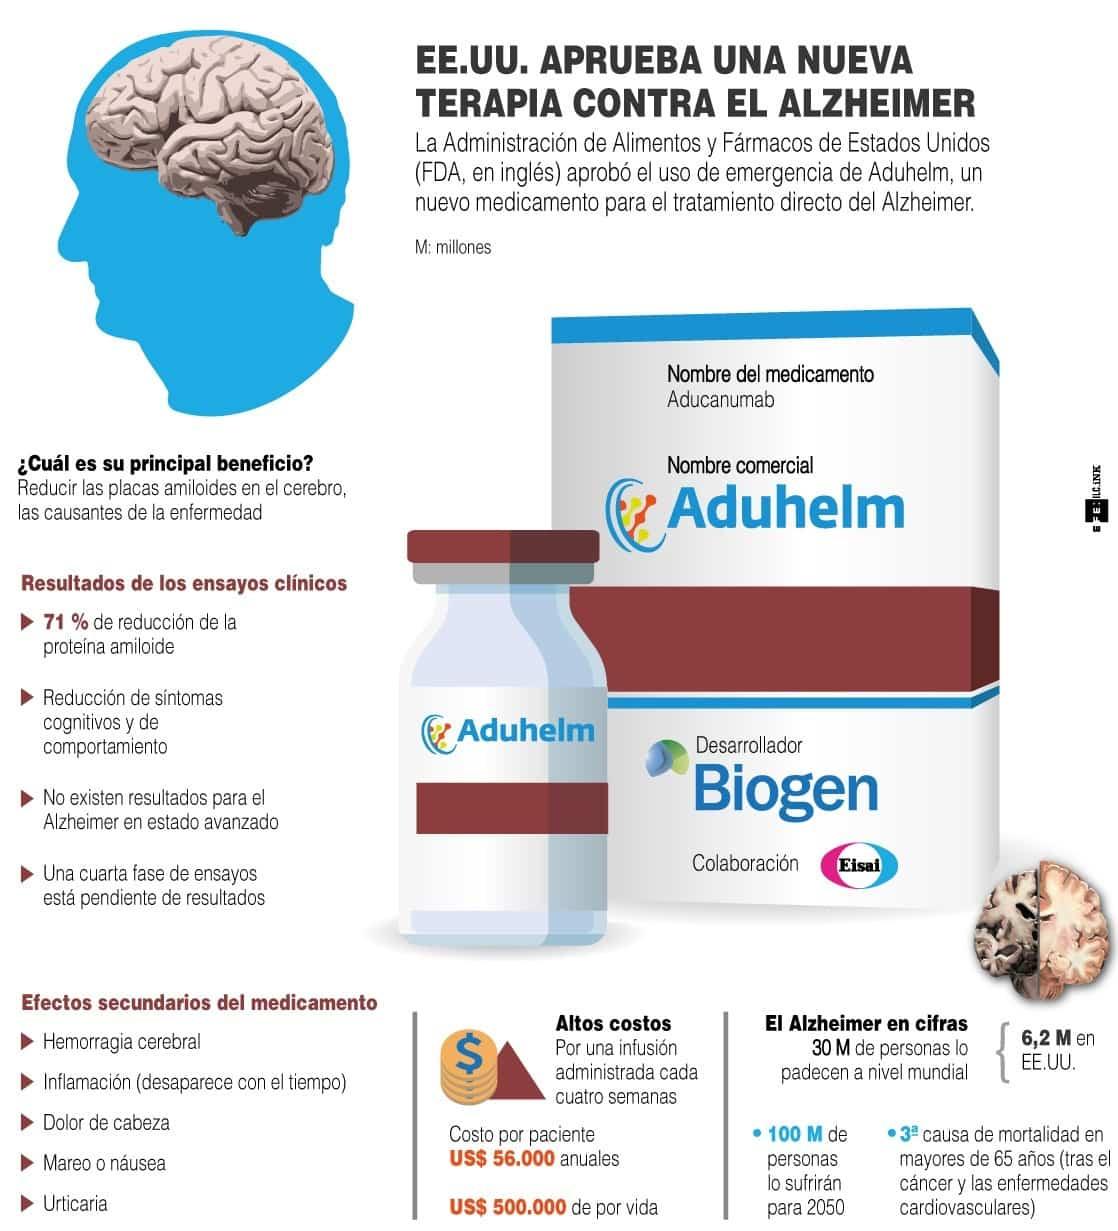 [Infografía] - EE. UU. aprueba una nueva terapia para el Alzheimer 1